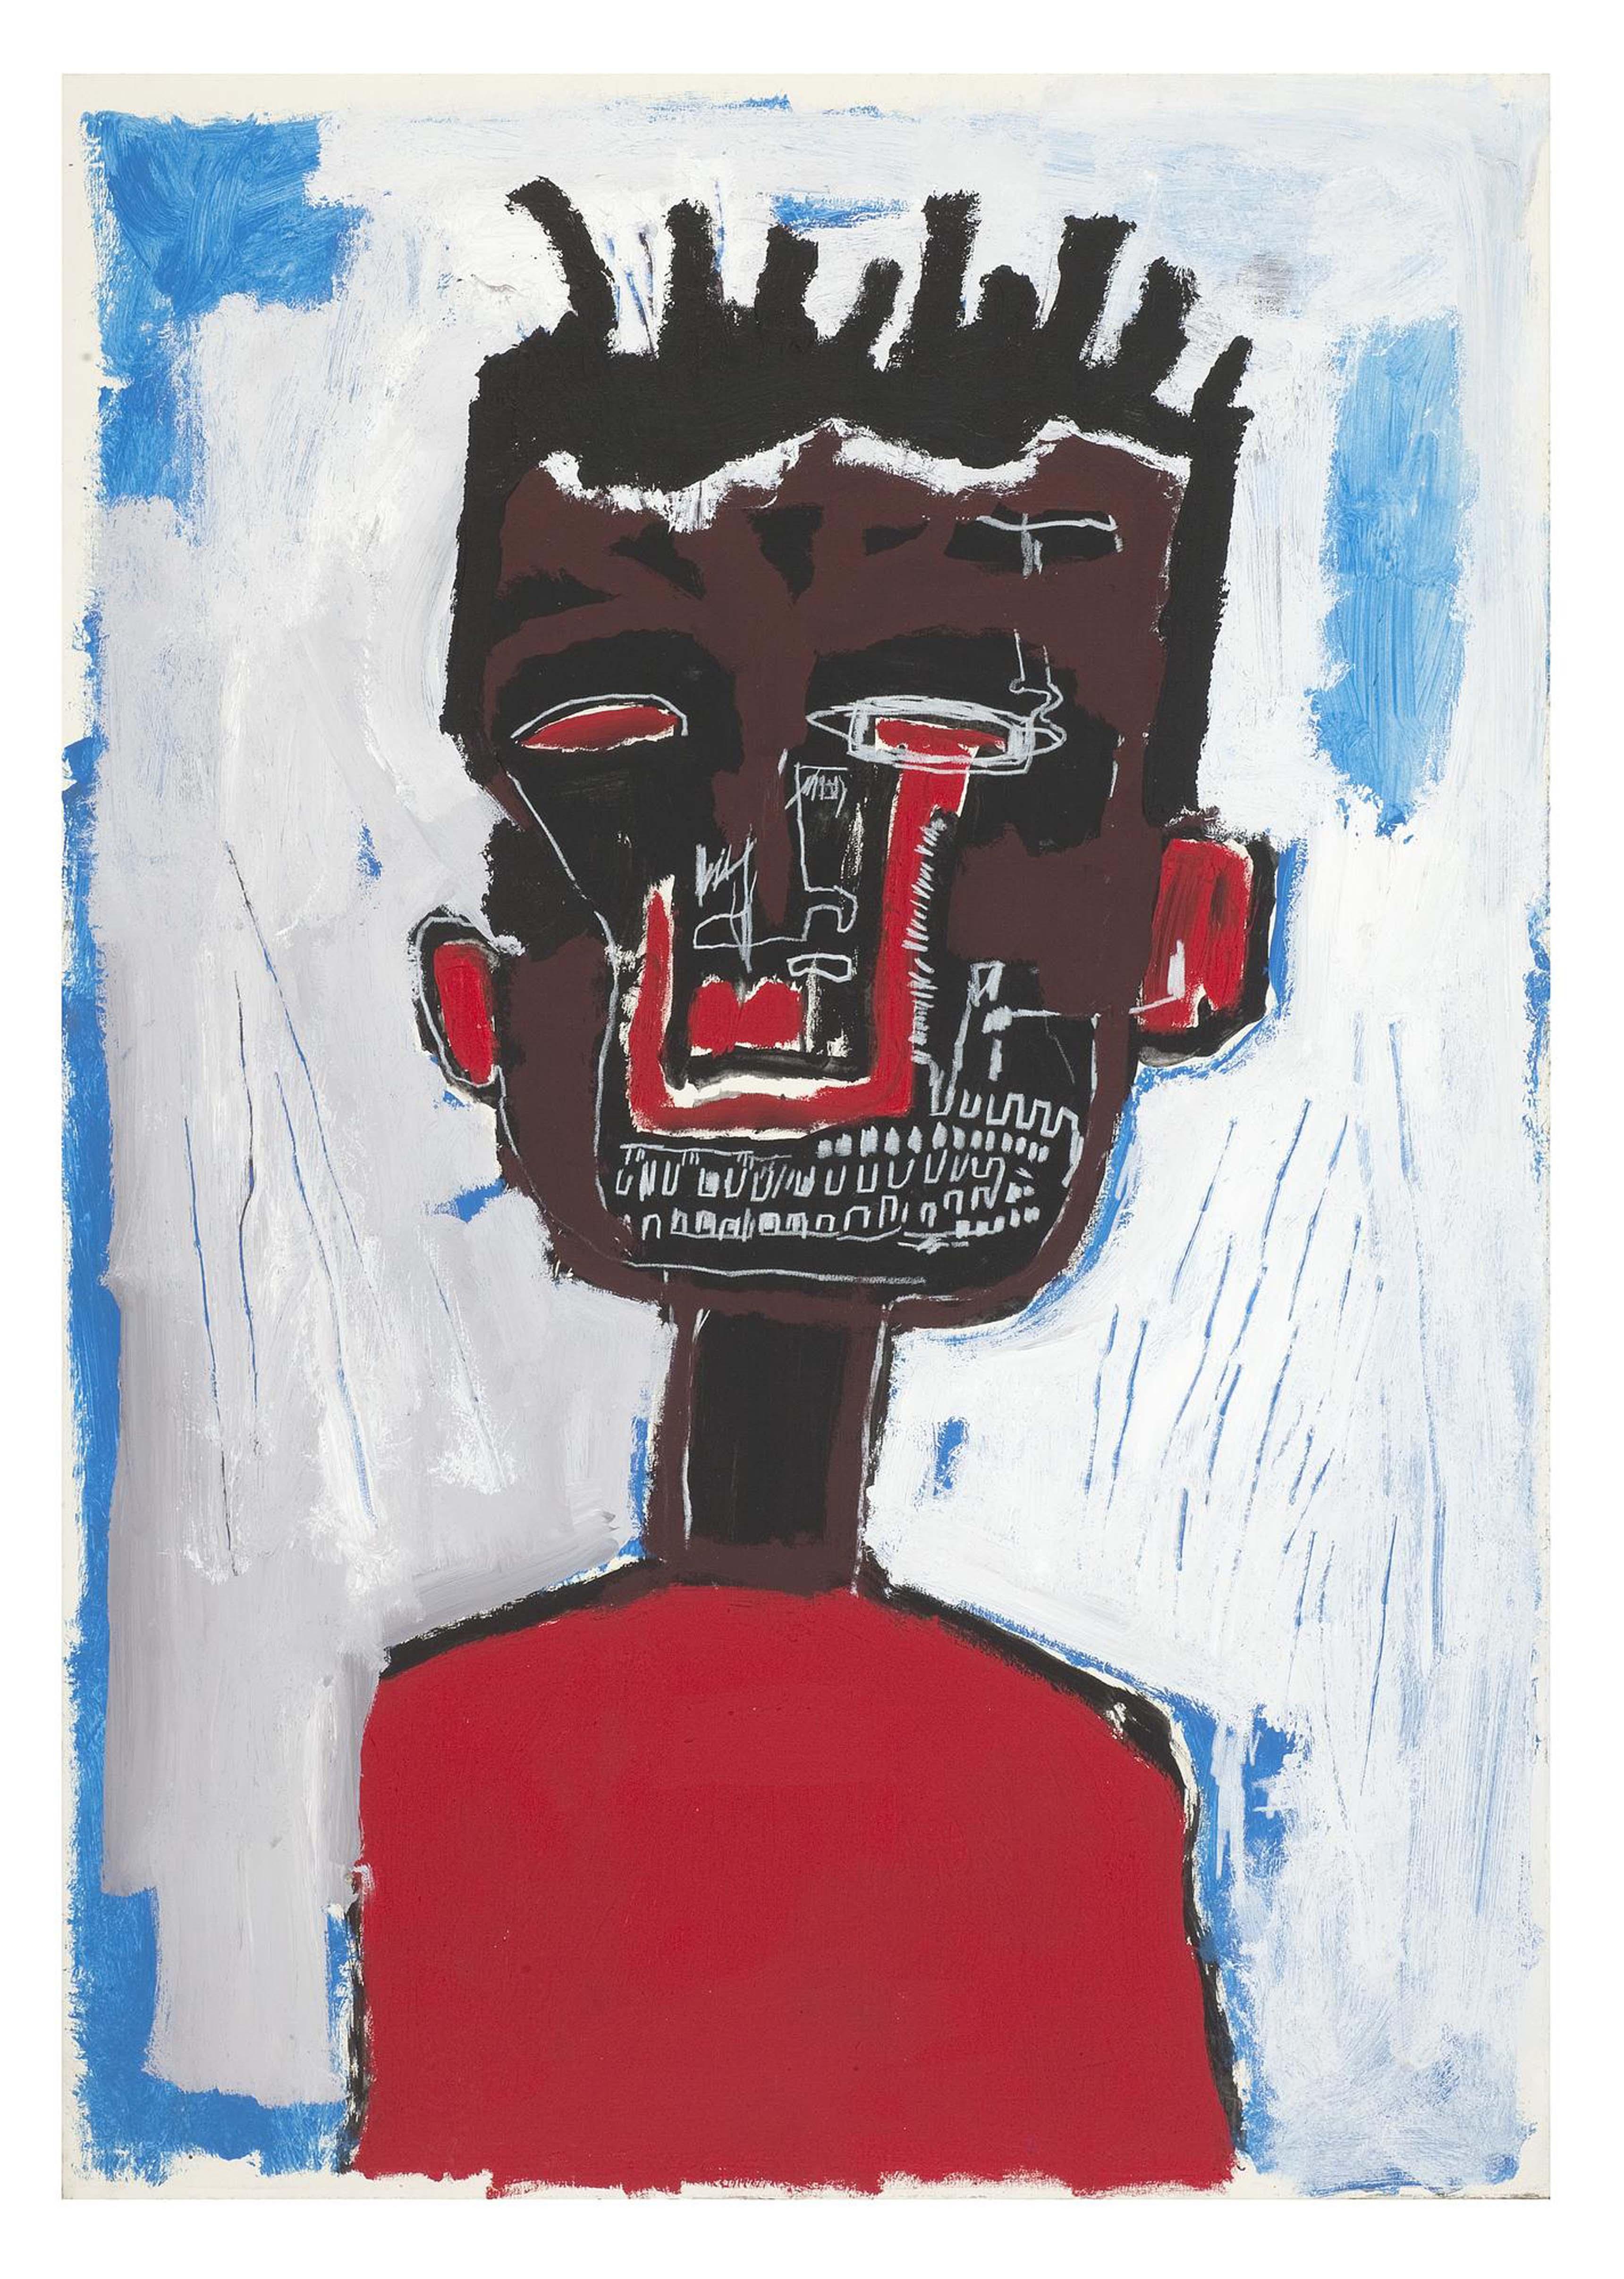 Jean-Michel Basquiat, Self Portrait, 1984, Private collection.